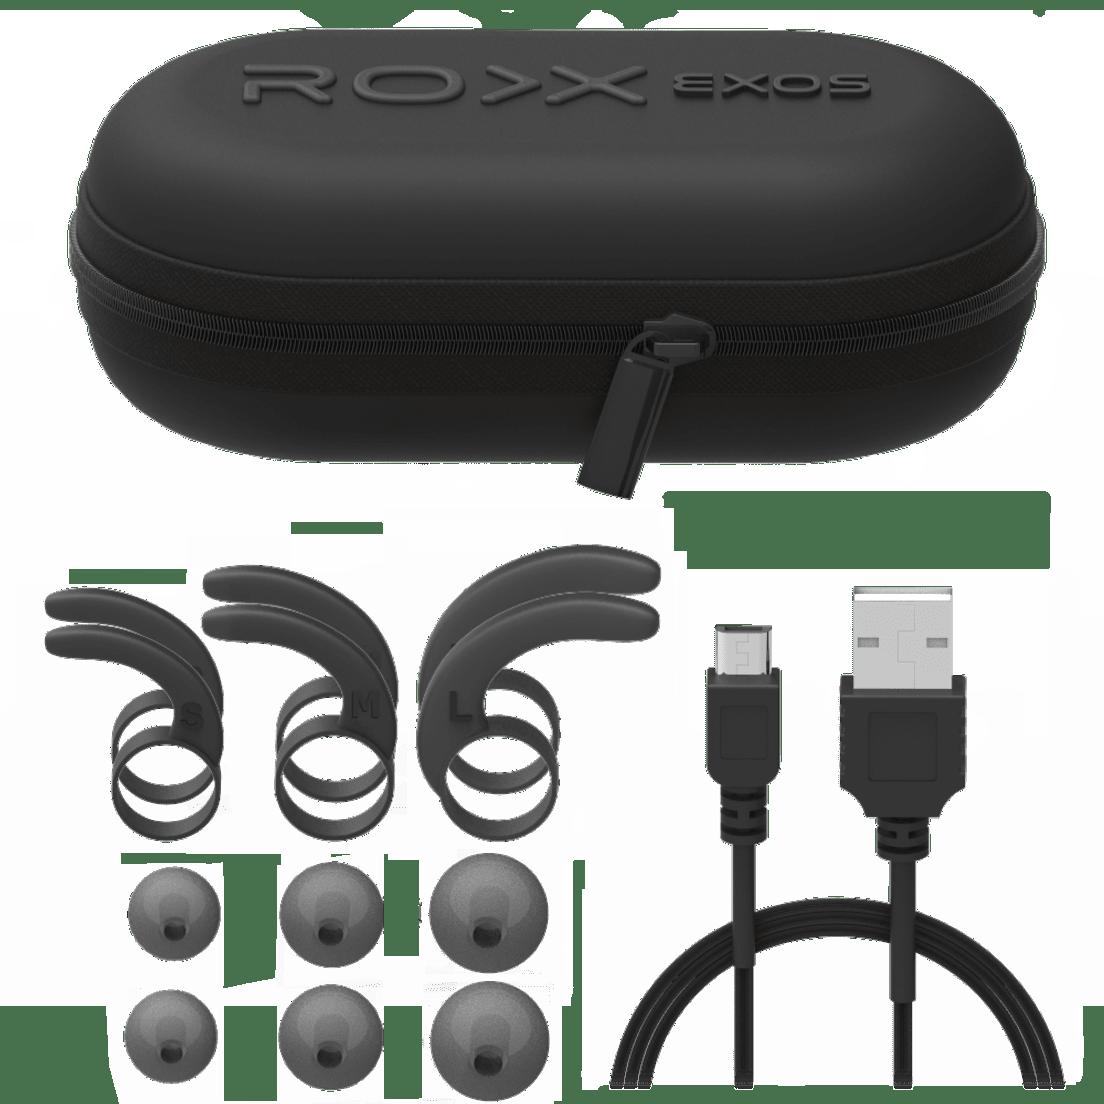 44a9b3c49fc Roxx Gear EXOS Magnetic Bluetooth Earbuds